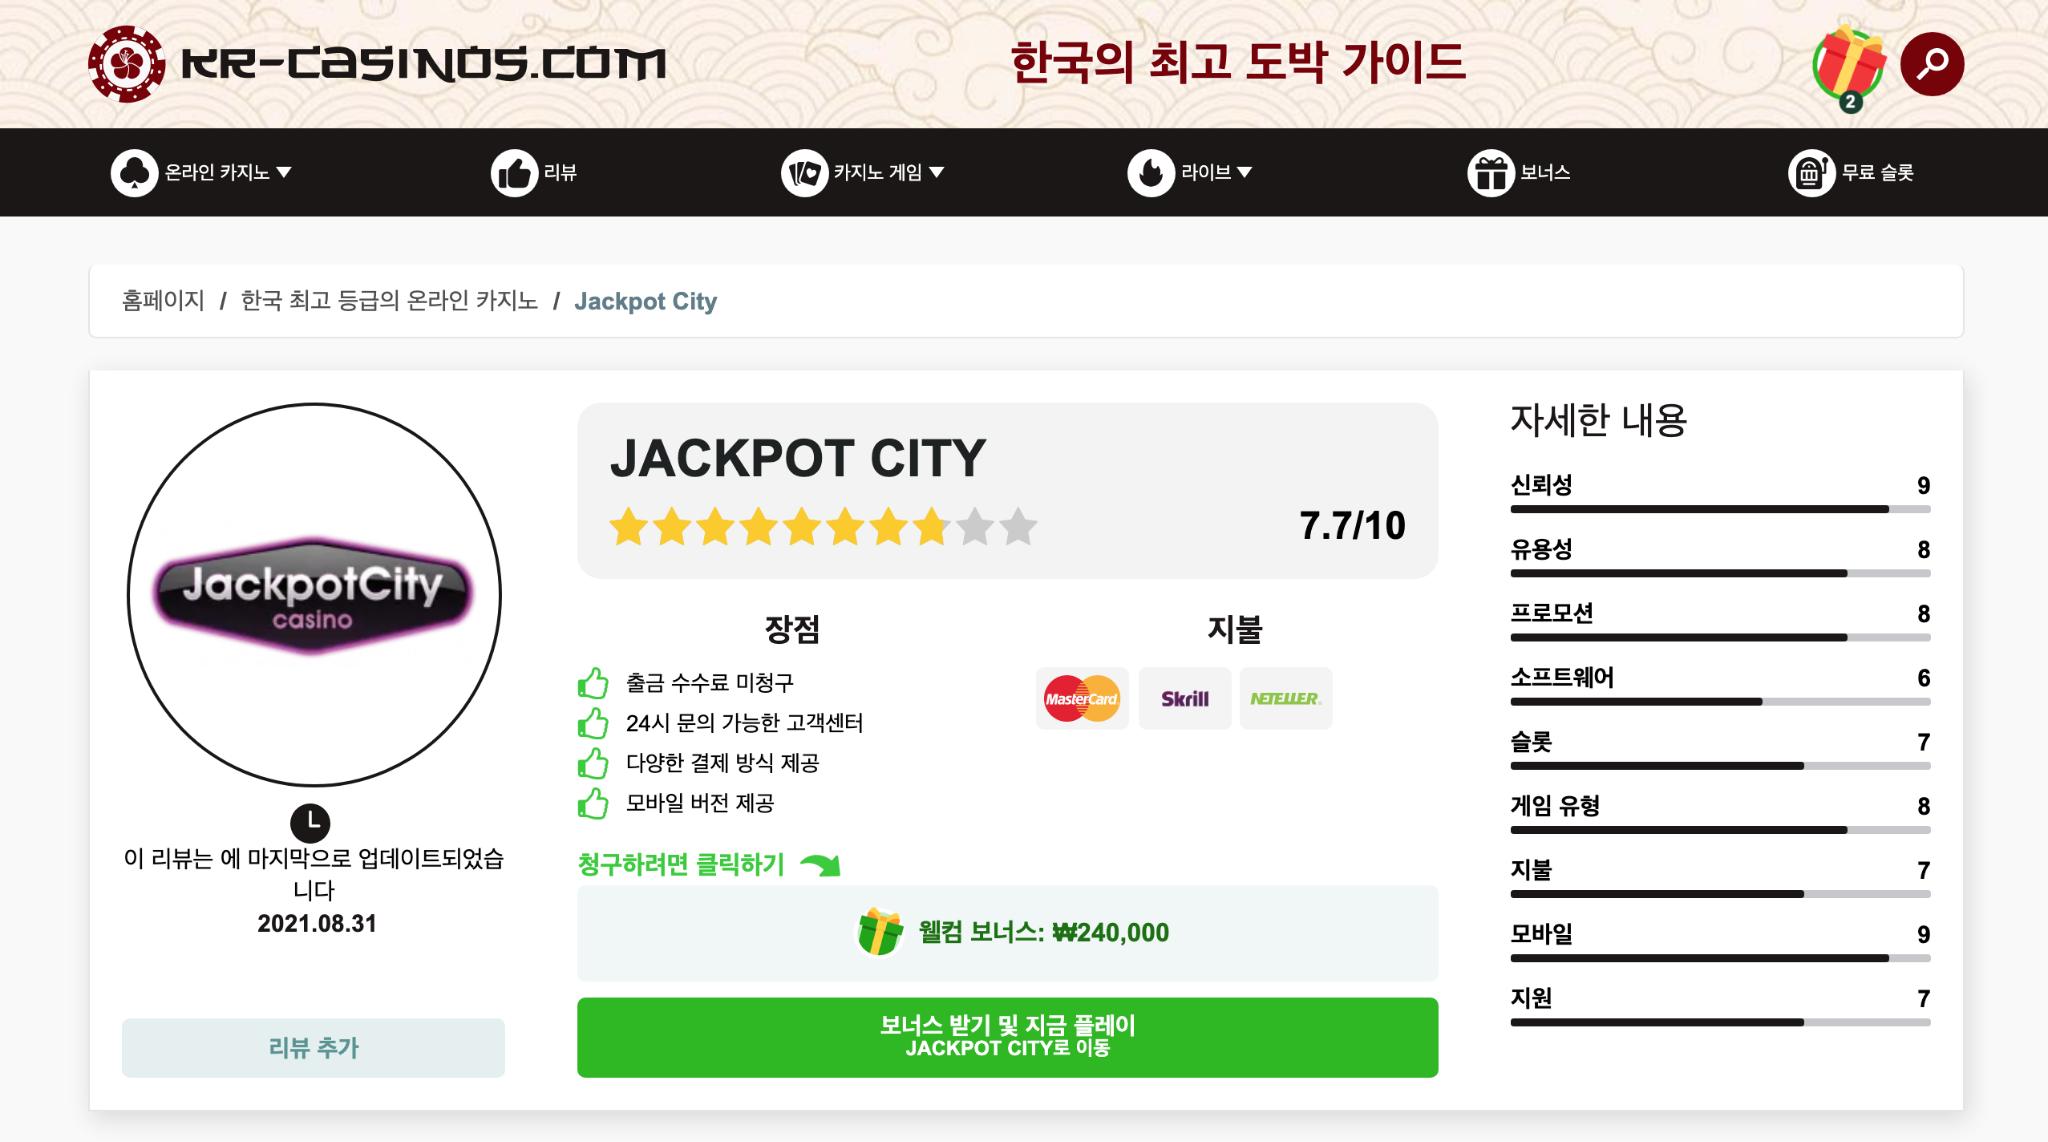 Top of Korean Gambling Market 3